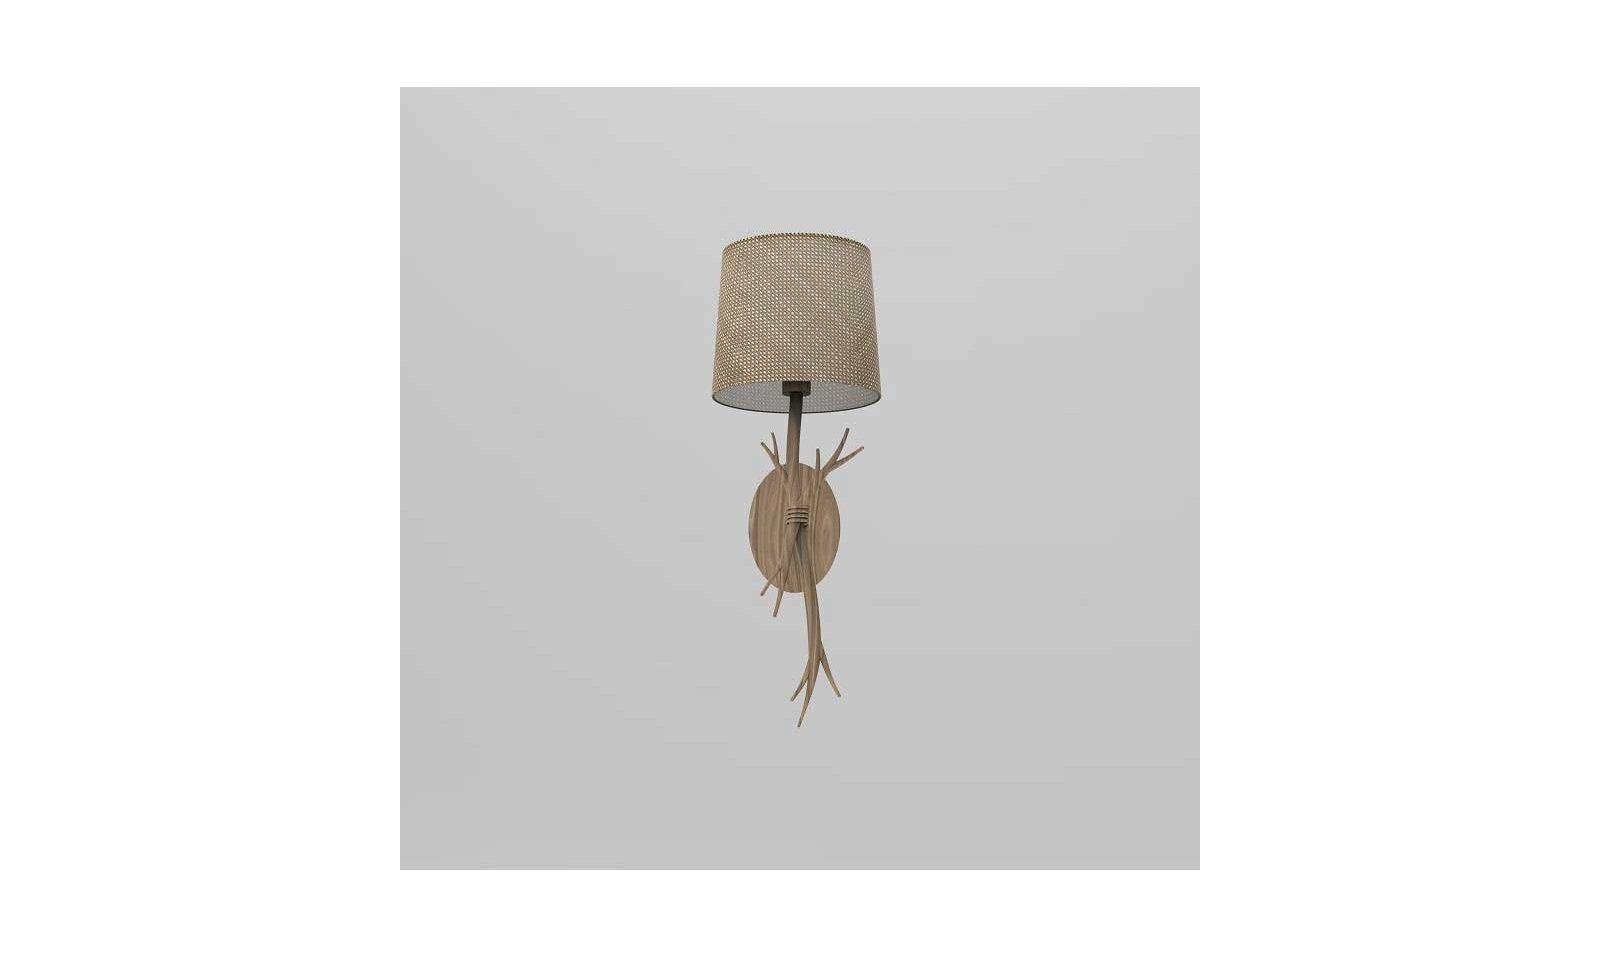 Mantra wandleuchte sabina rusty lampe aus holz und seil